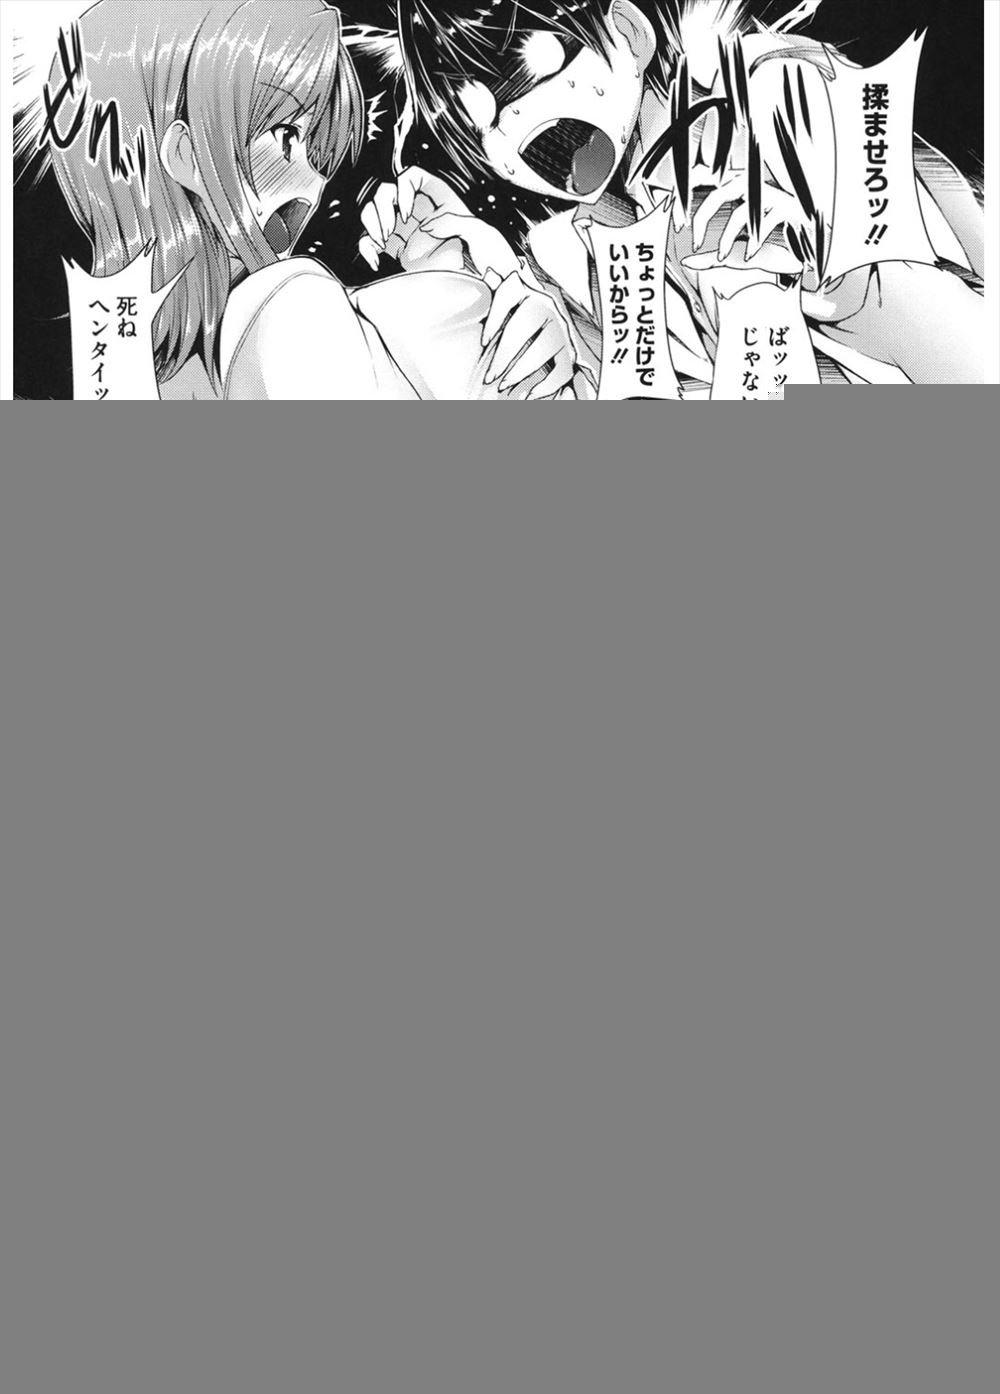 【エロ漫画同人誌】姉の爆乳に耐えられなくなった弟が姉の処女奪って近親相姦SEXしちゃうwwwww 008